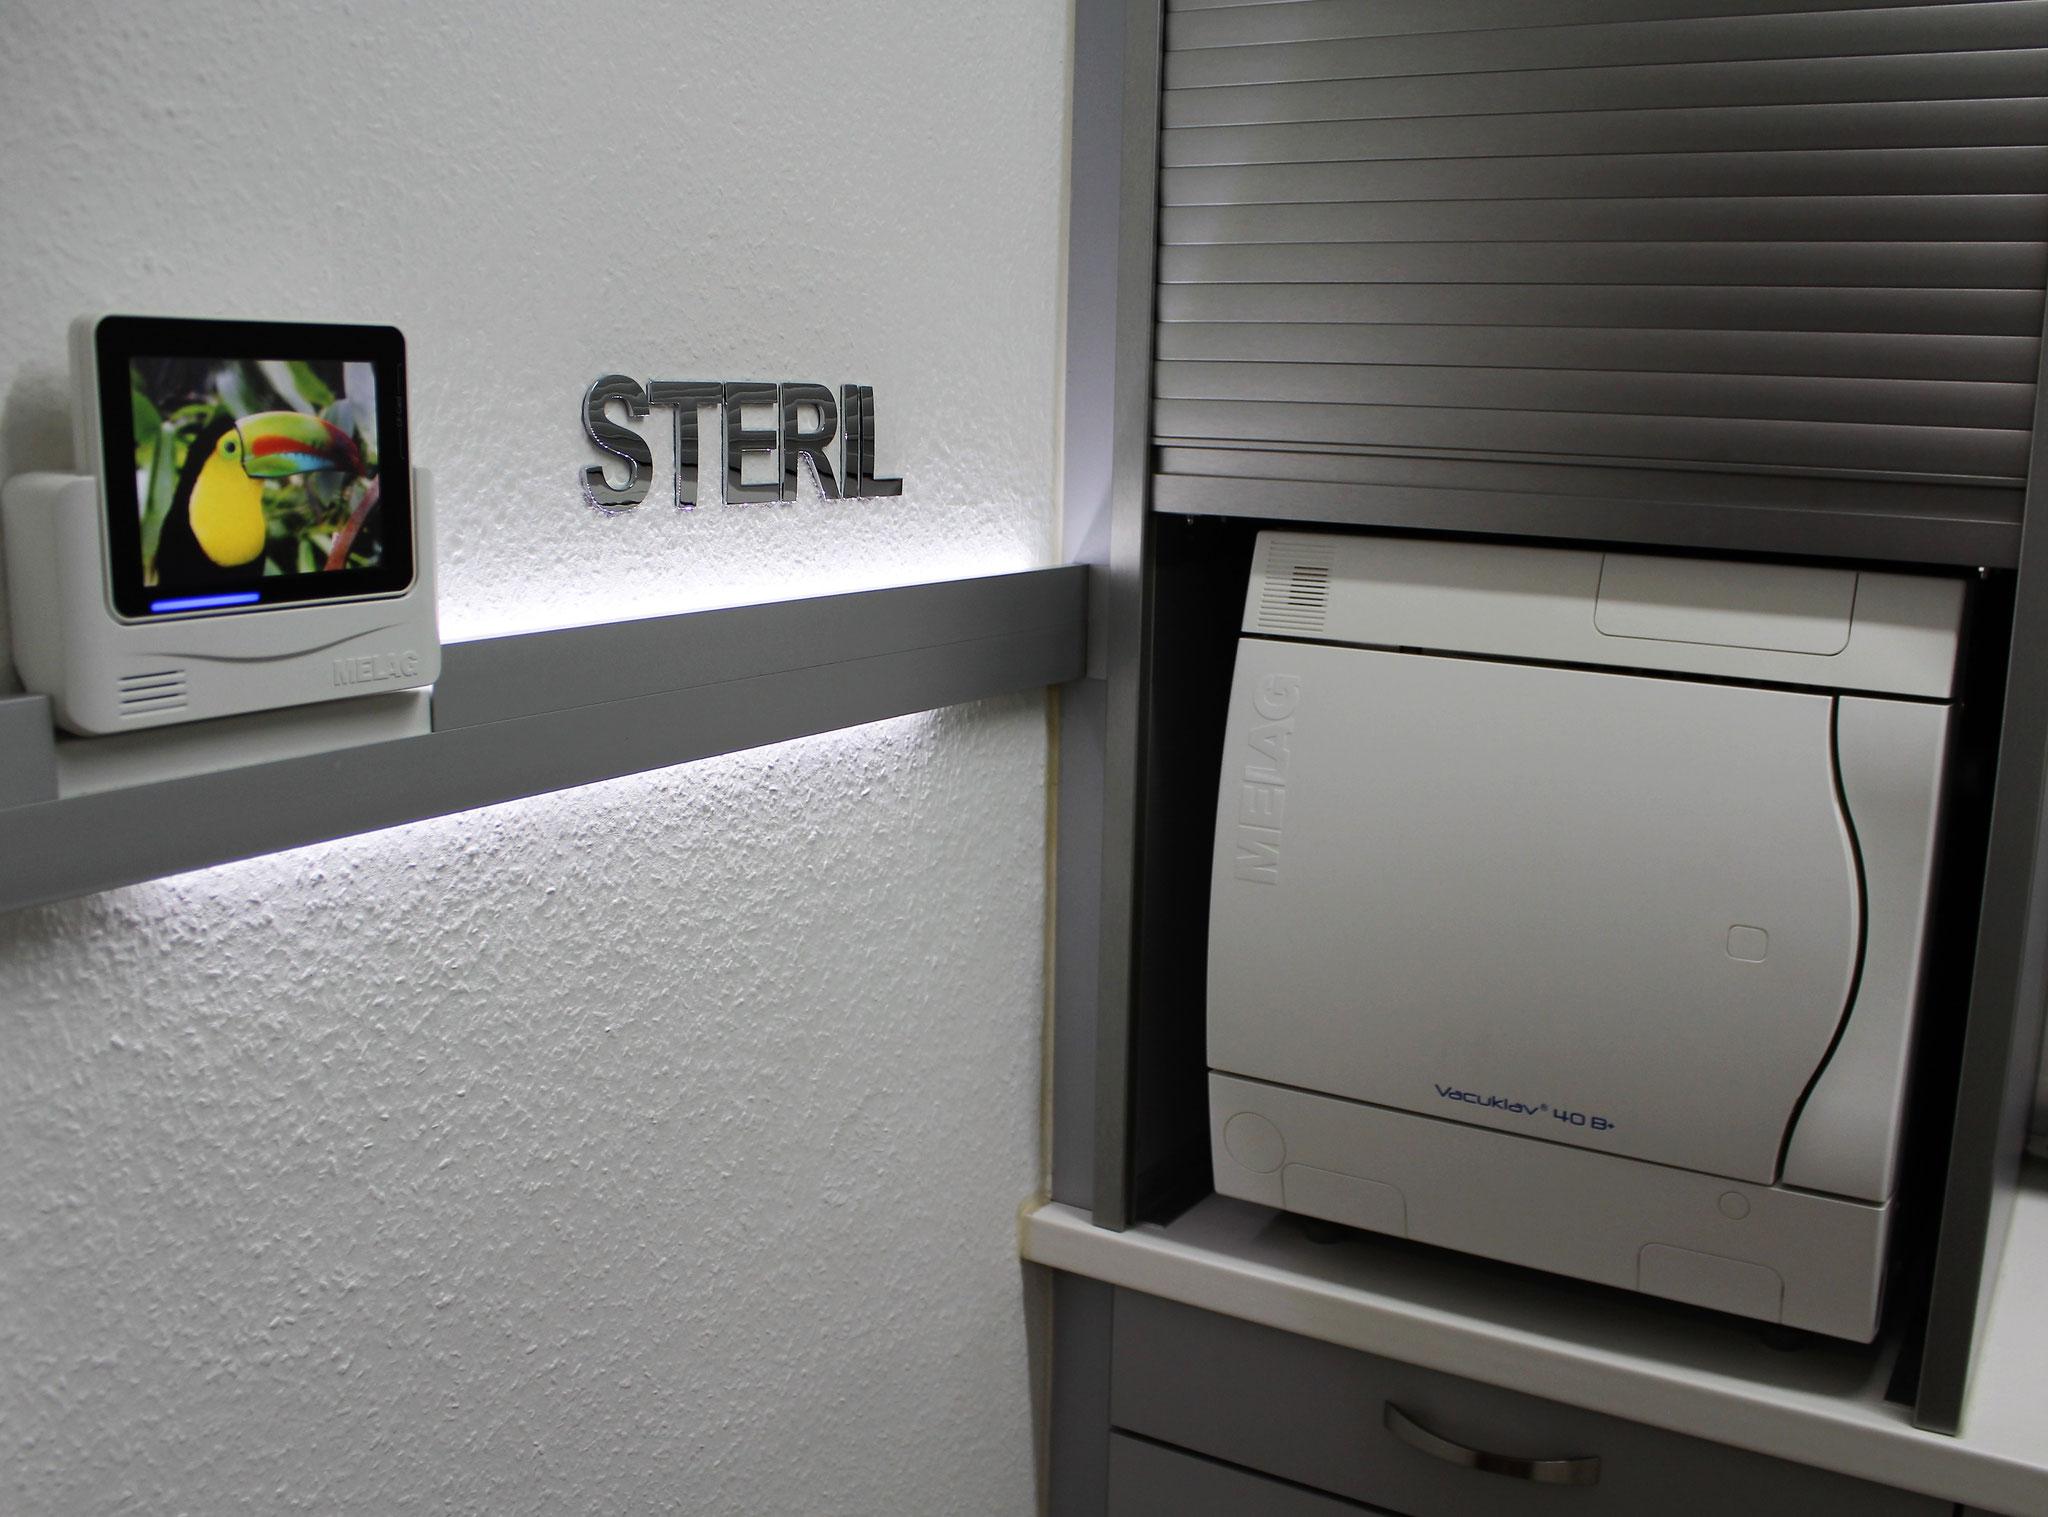 Autoklav im Hygieneraum - zur Prozesskontrolle digital vernetzt